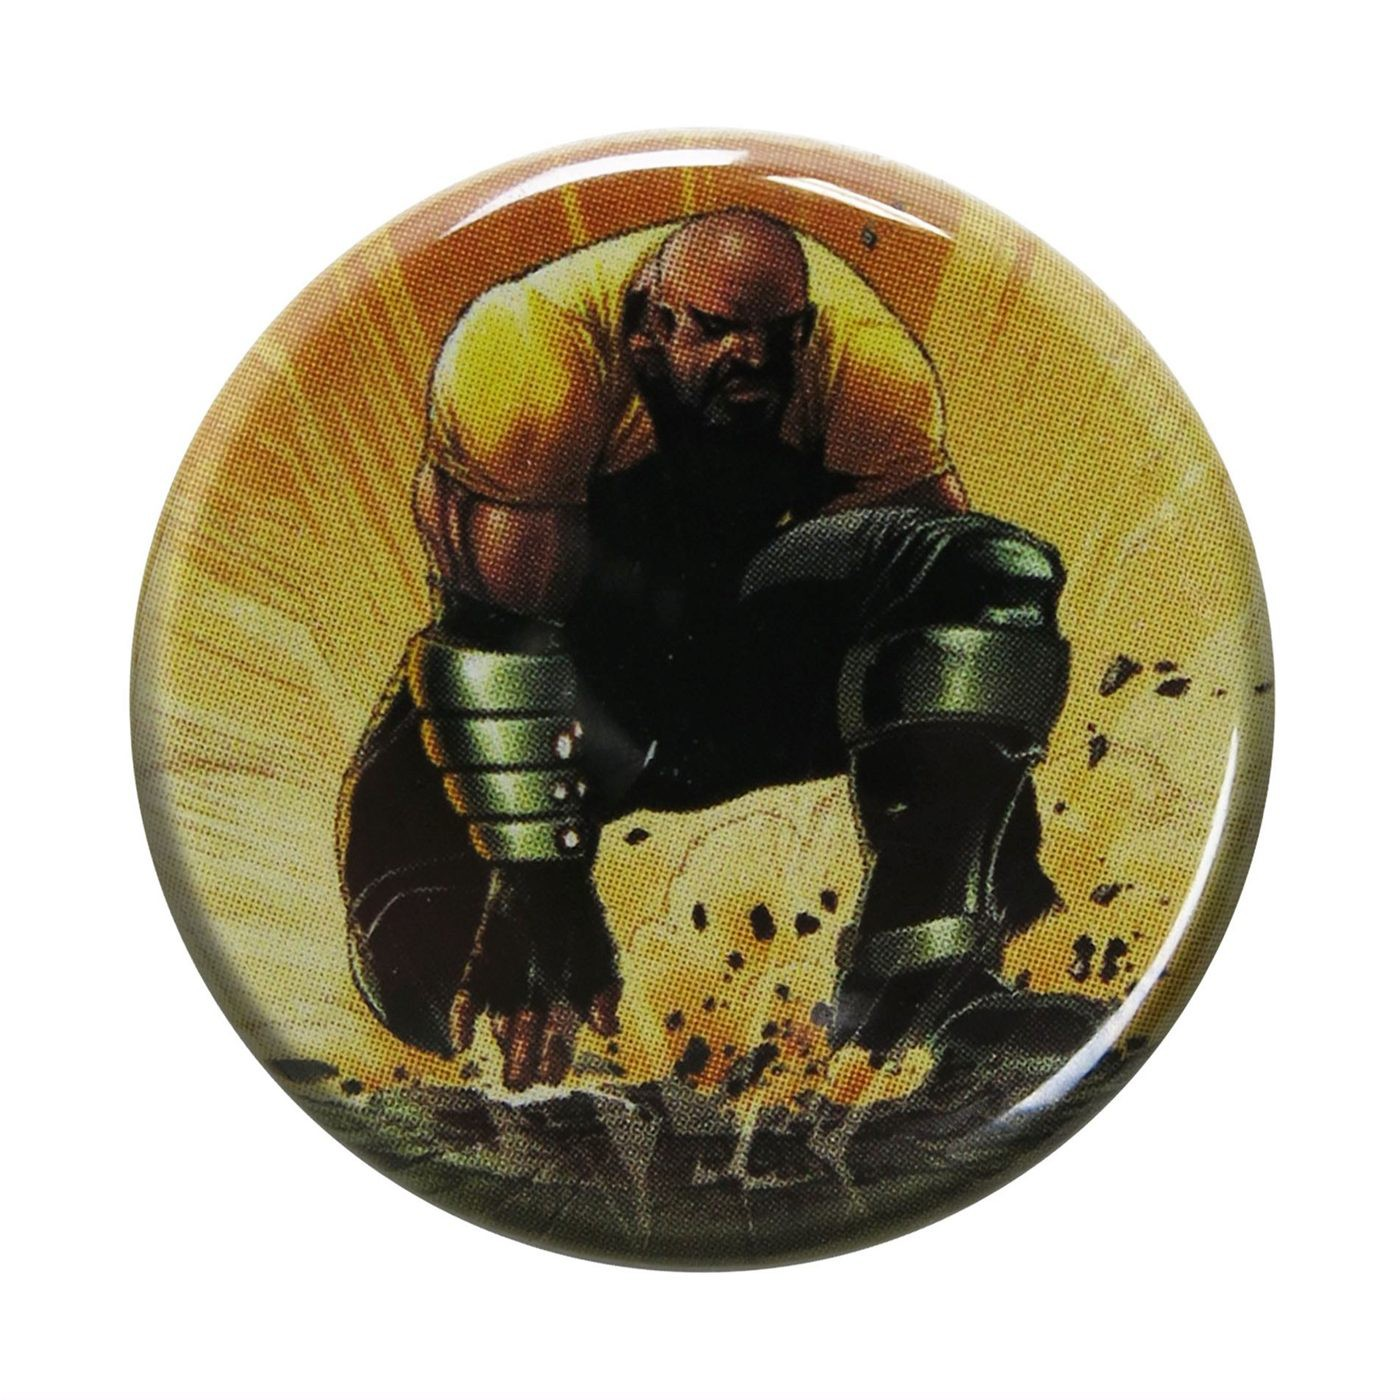 Luke Cage Fist Pound Button